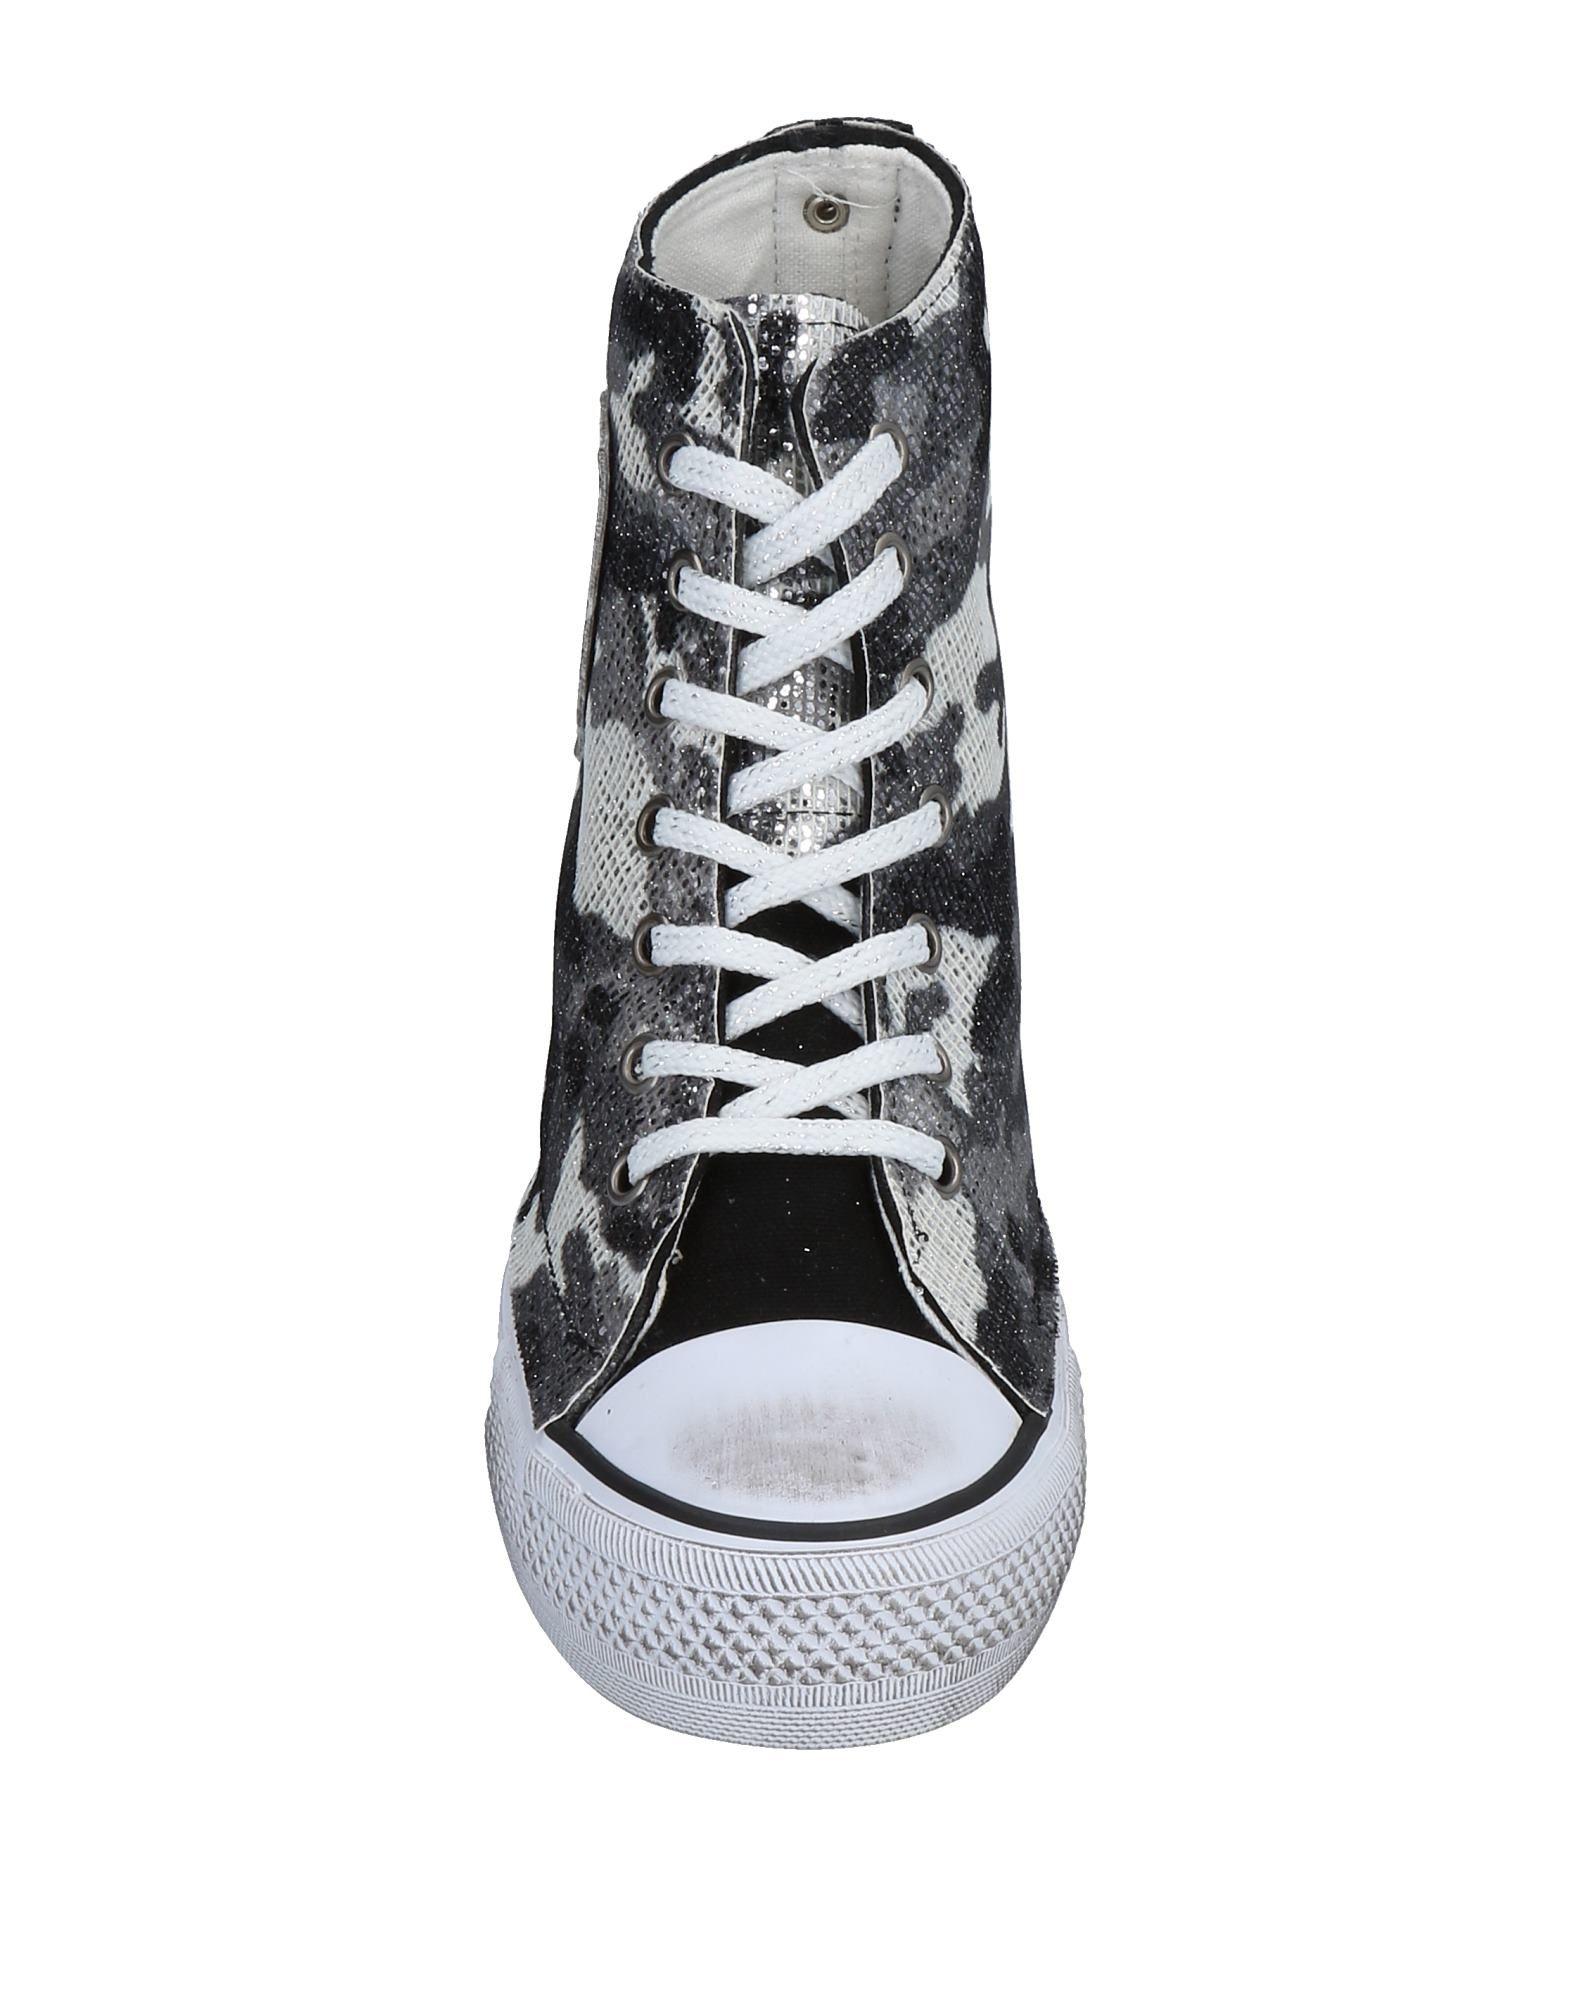 Nila & es Nila Sneakers Damen Gutes Preis-Leistungs-Verhältnis, es & lohnt sich 3819 6904ef